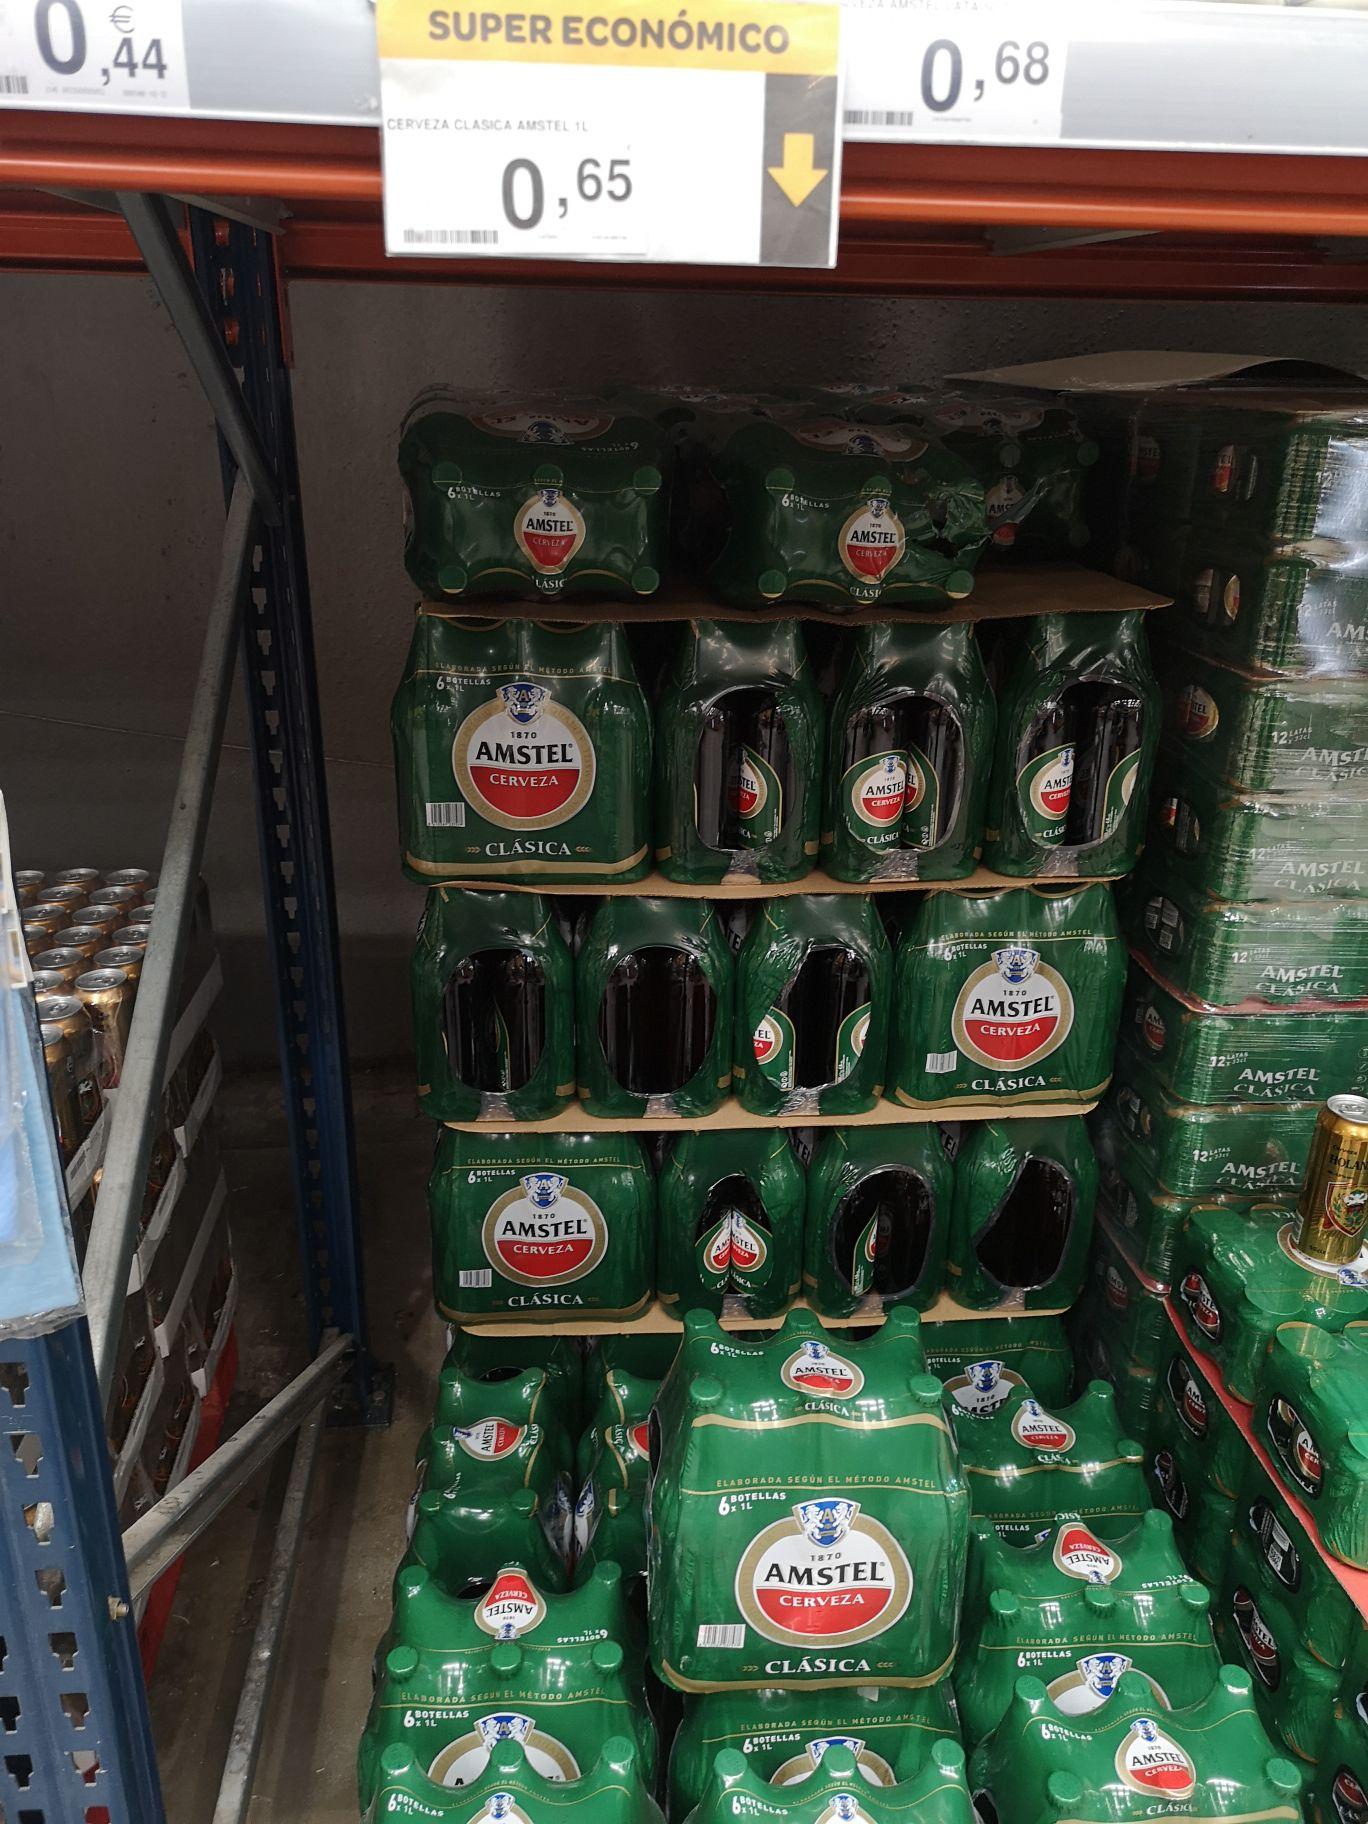 Cerveza Amstel 1Litro en Supeco Alcalá de Henares